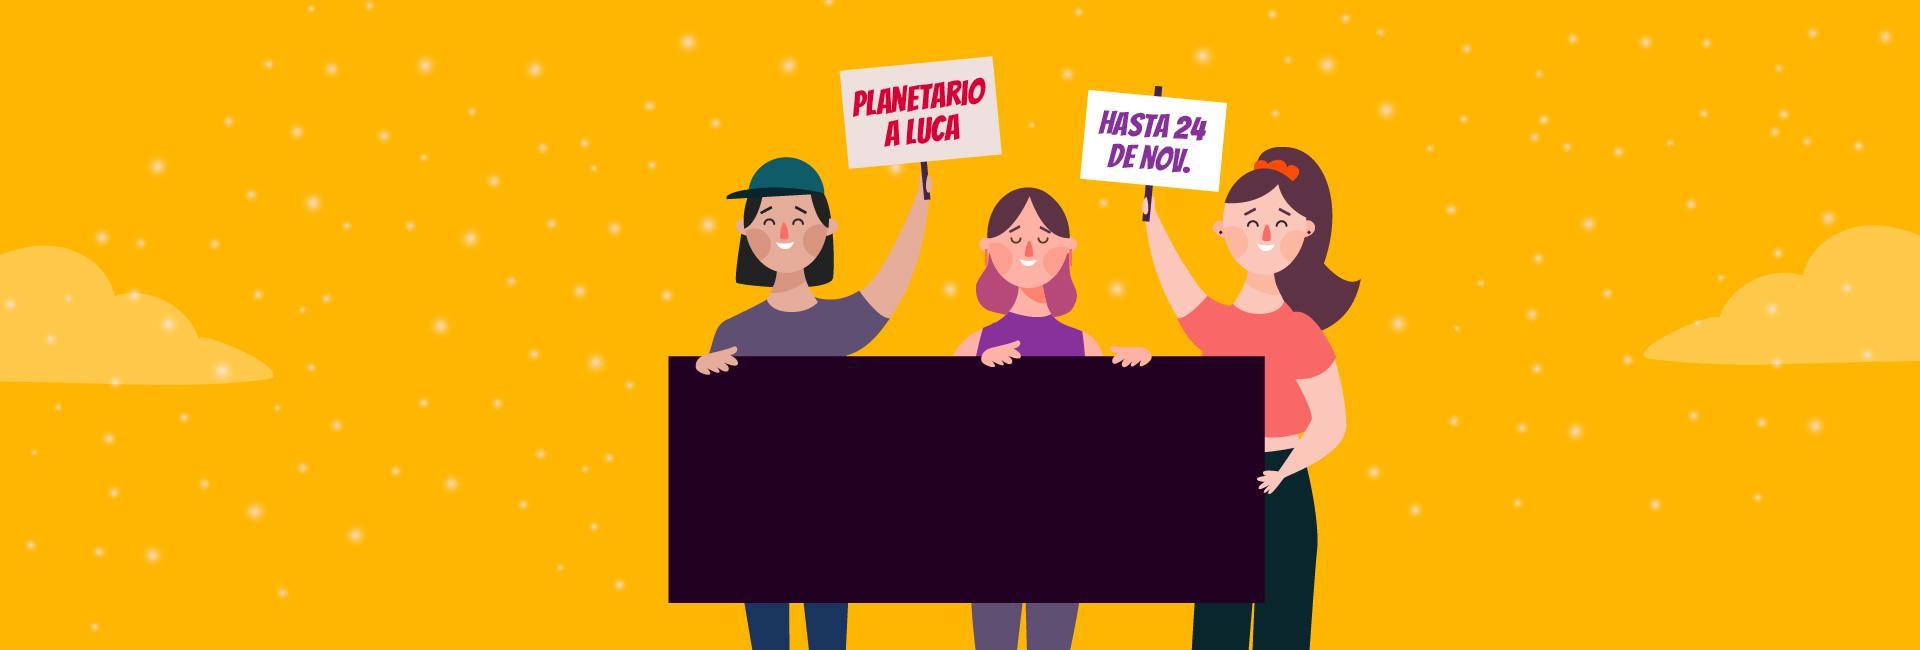 planeariox1000-nov2019-web